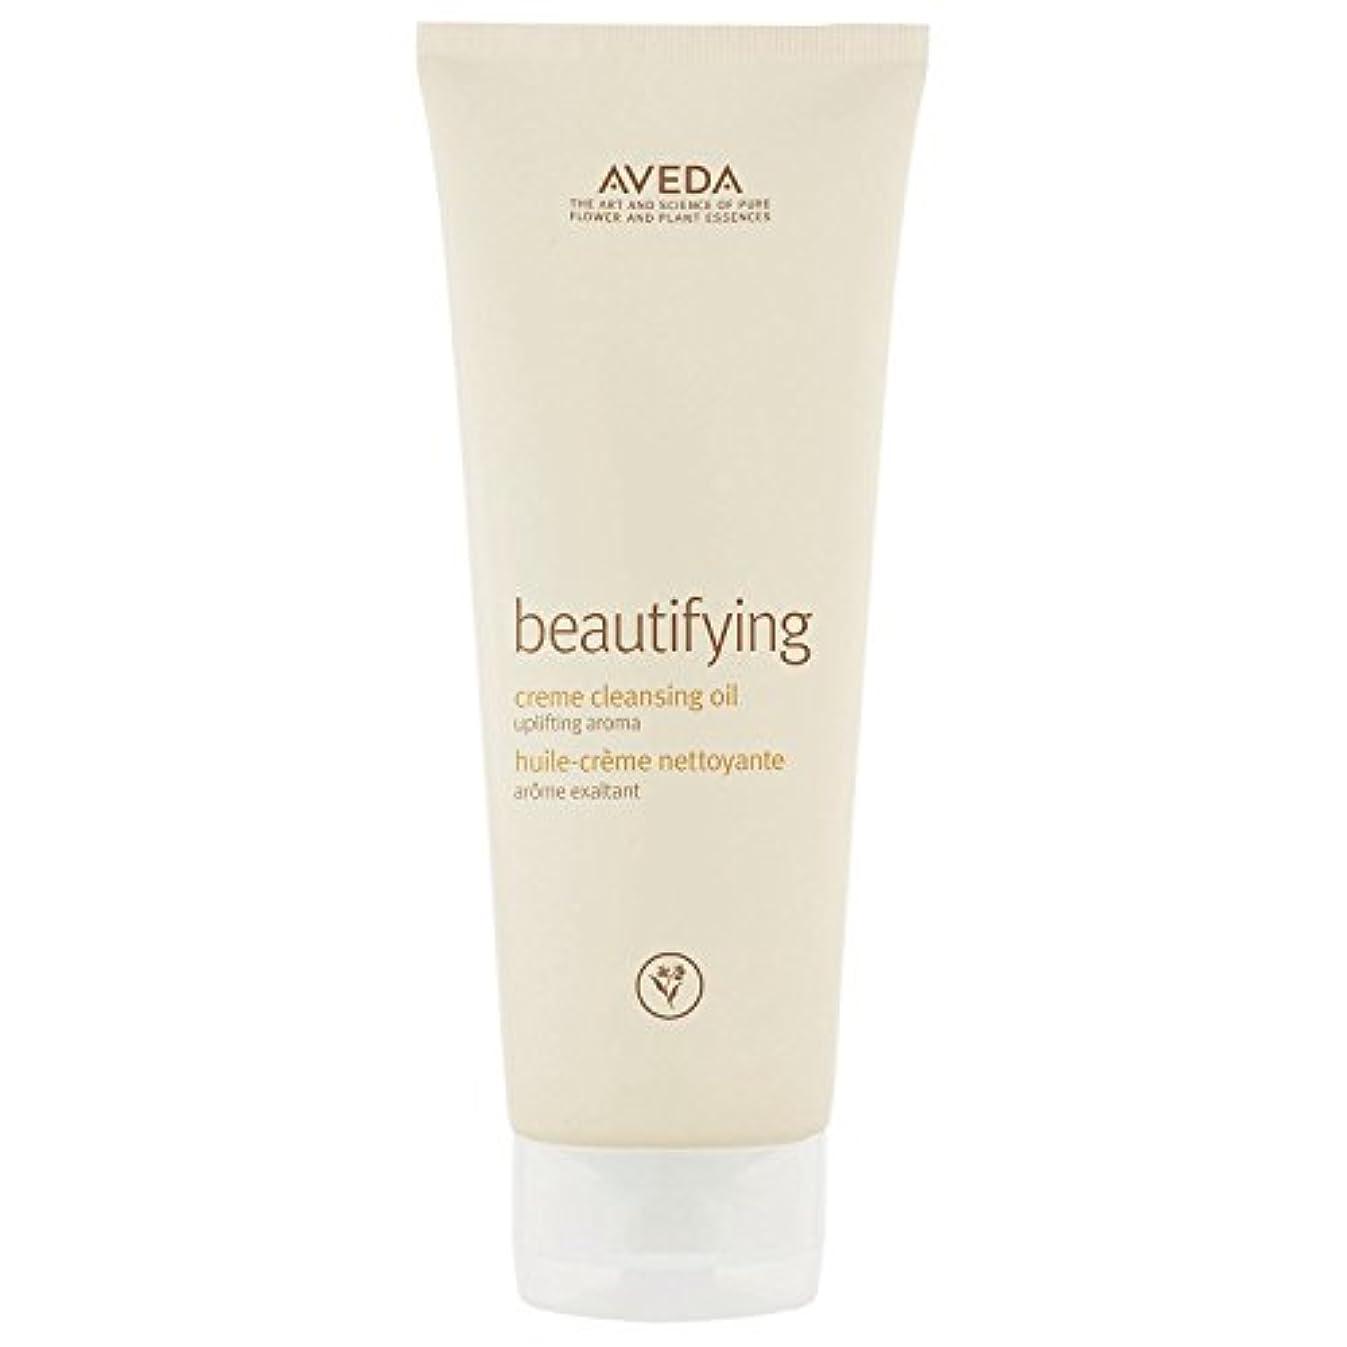 広範囲にわかるビット[AVEDA] アヴェダクリームボディクレンザーオイル200ミリリットルを美化 - Aveda Beautifying Cream Body Cleanser Oil 200ml [並行輸入品]